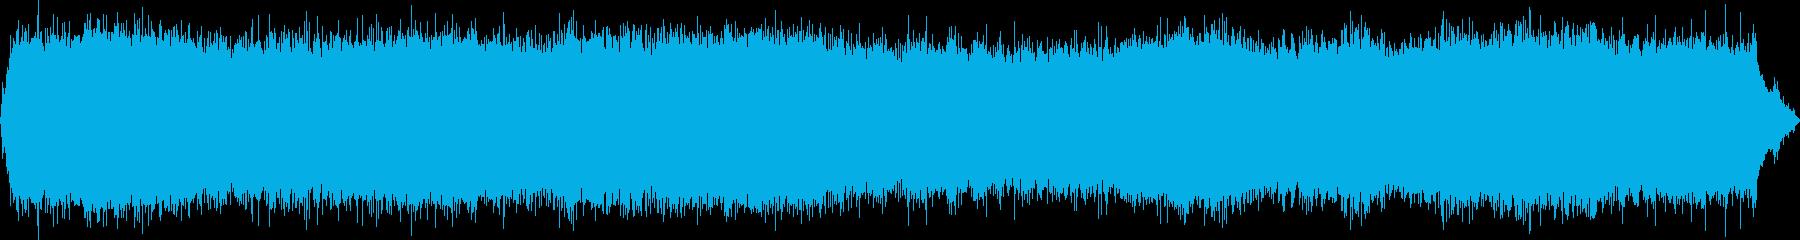 グラインダー、ポリッシャー、エレク...の再生済みの波形